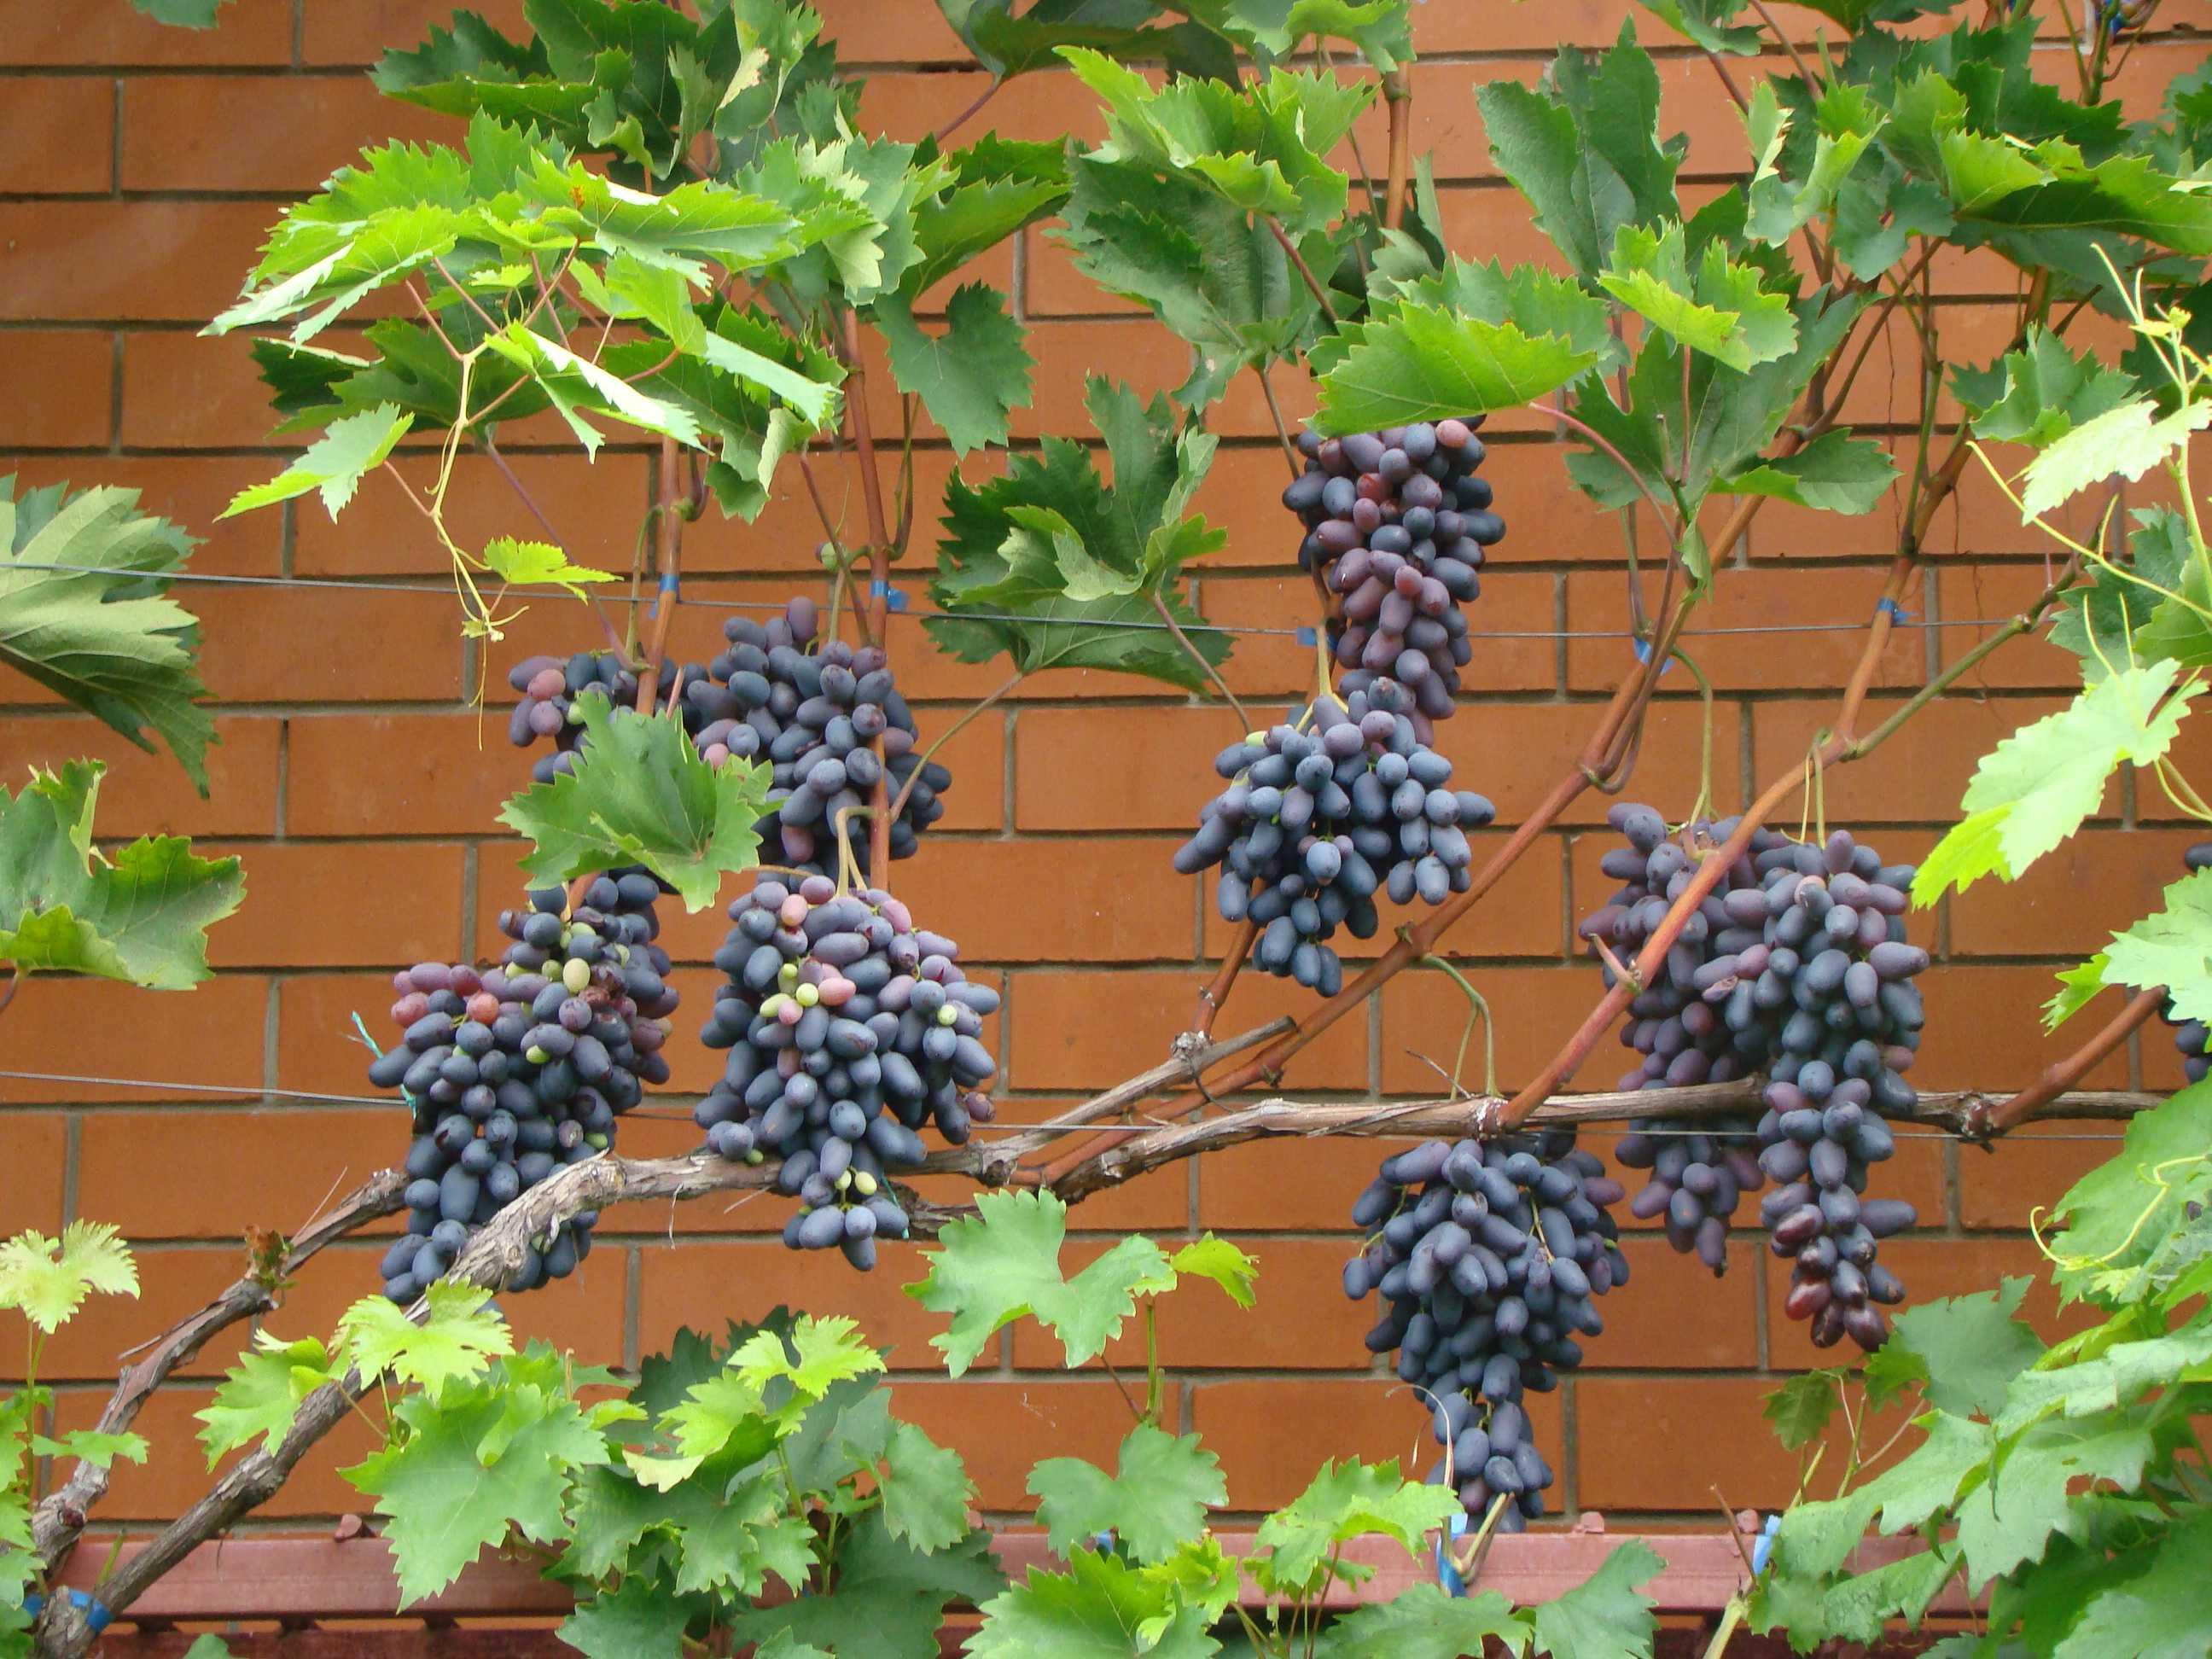 выработка данного фото коронки винограда памяти негруля праздника починки работников